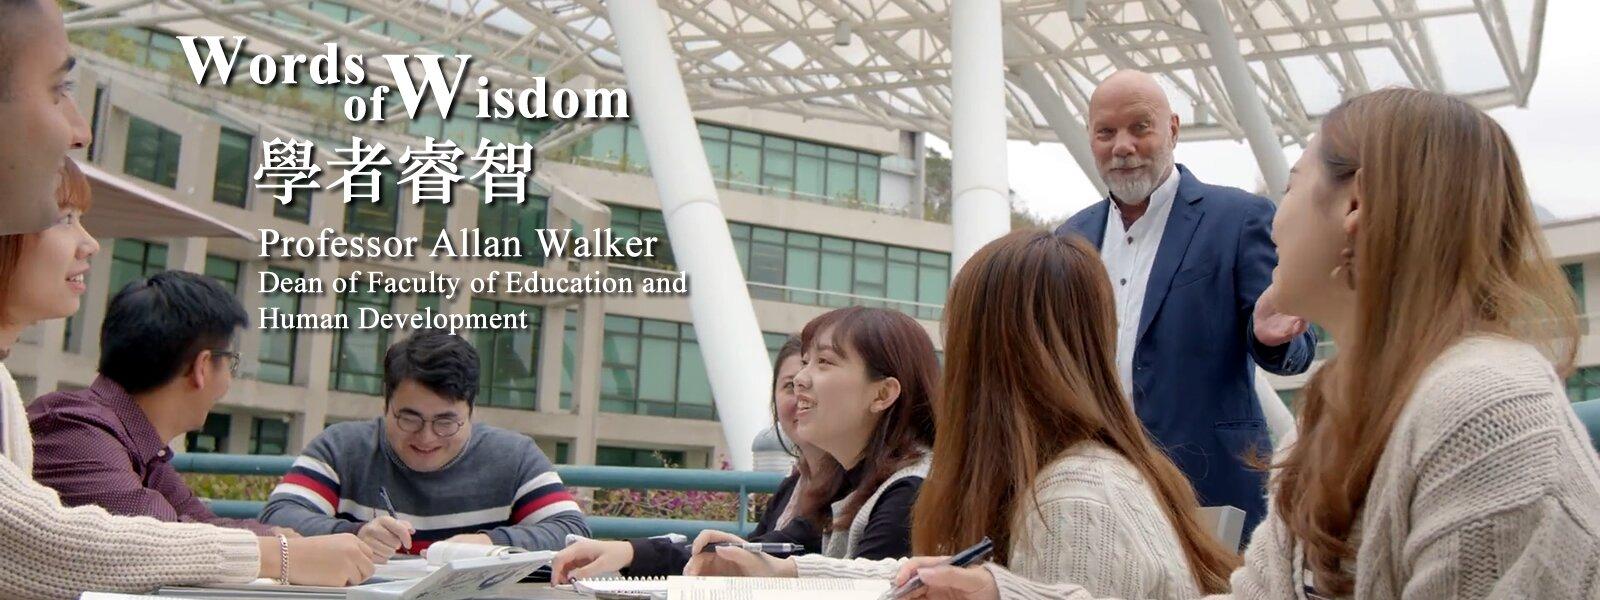 Words of Wisdom – Professor Allan Walker